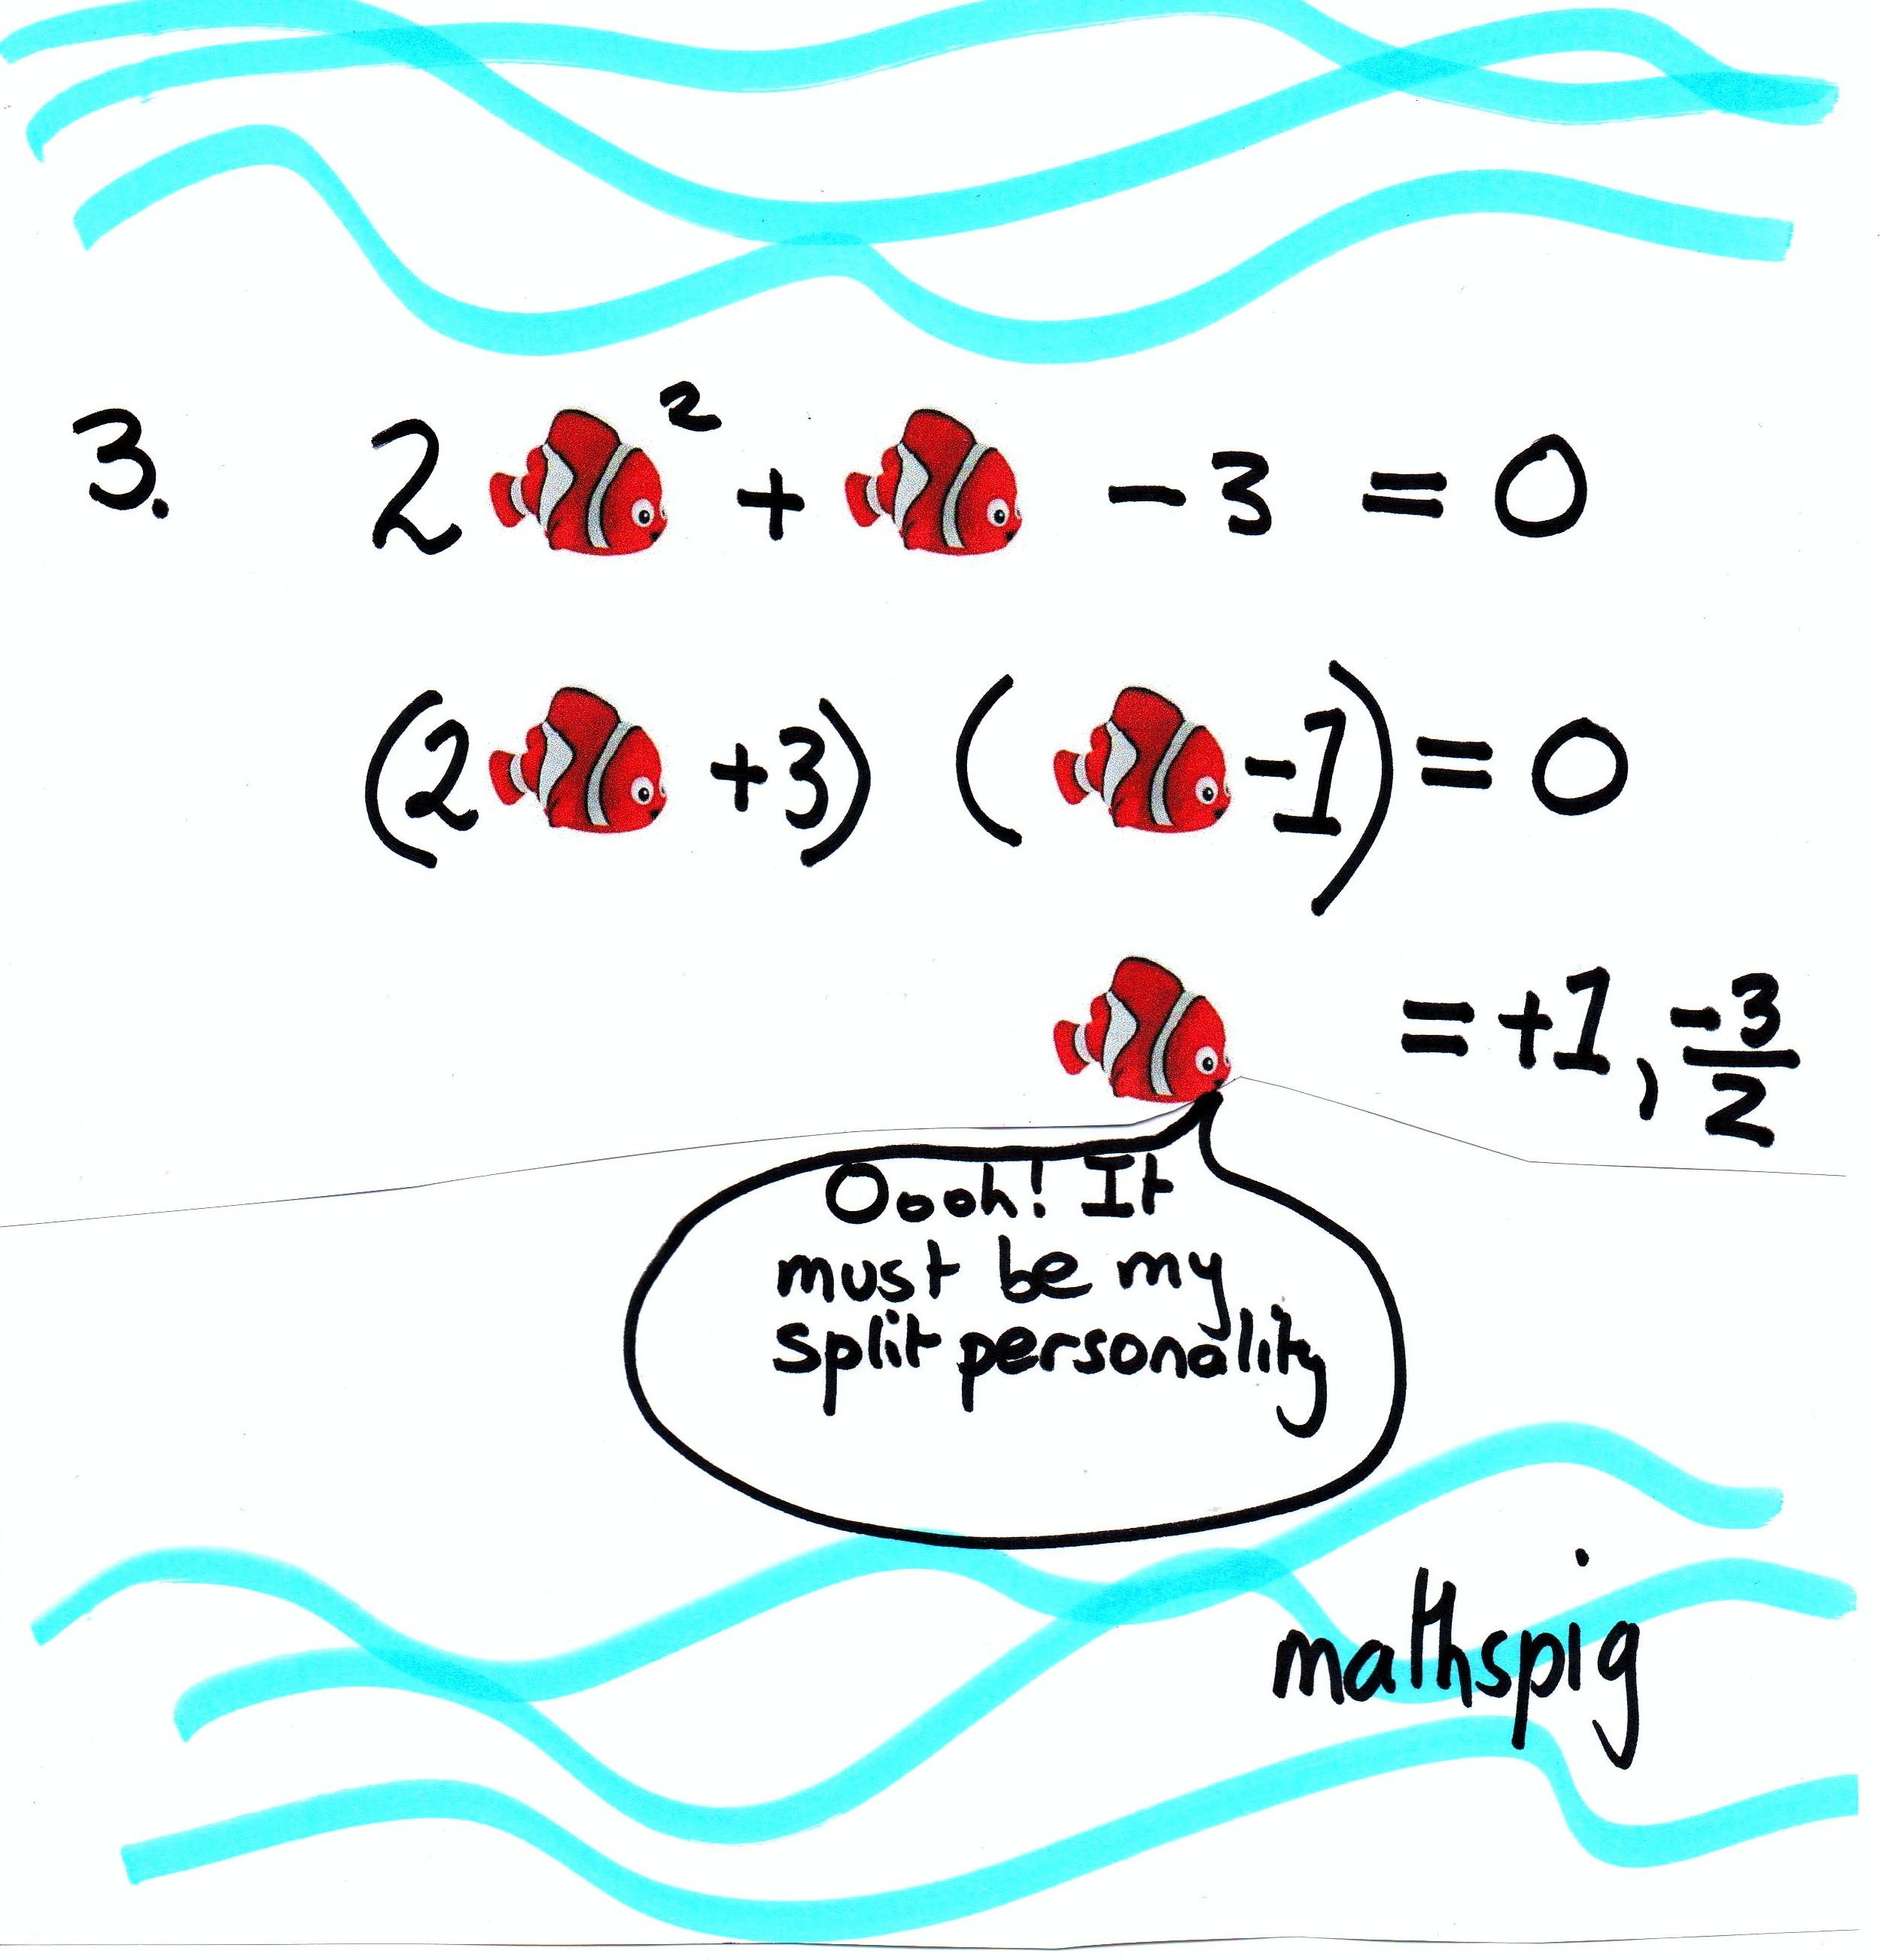 worksheet Finding Nemo Worksheet finding nemo maths mathspig blog advertisements